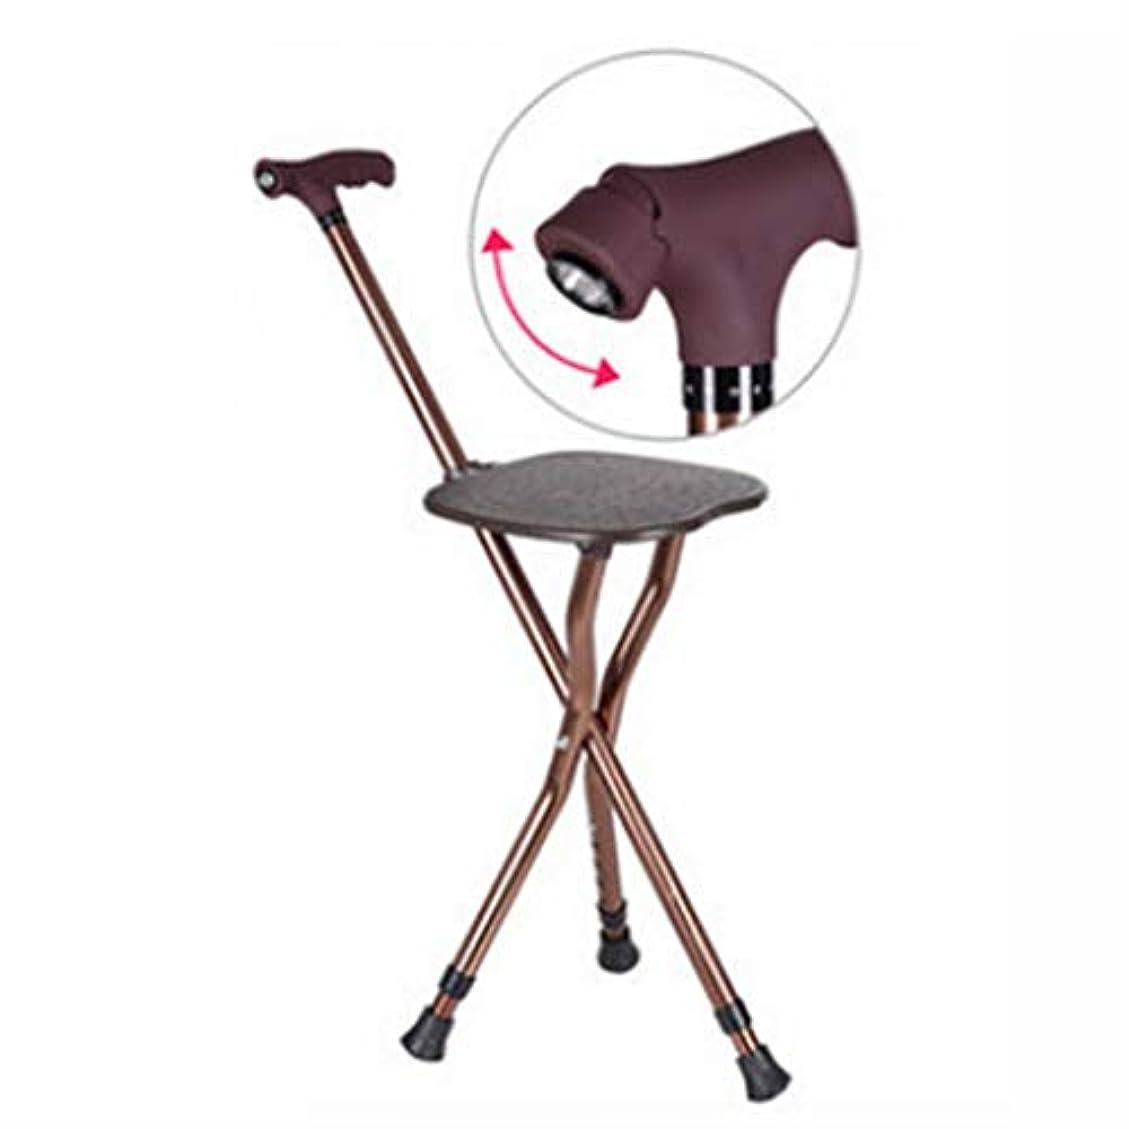 ジャケット秀でる思想FISHDアルミ合金杖スツールライト三脚松葉杖椅子LEDライトを回転させることができます磁気治療ハンドルゴム足パッド高齢者向け、折りたたみ式,A